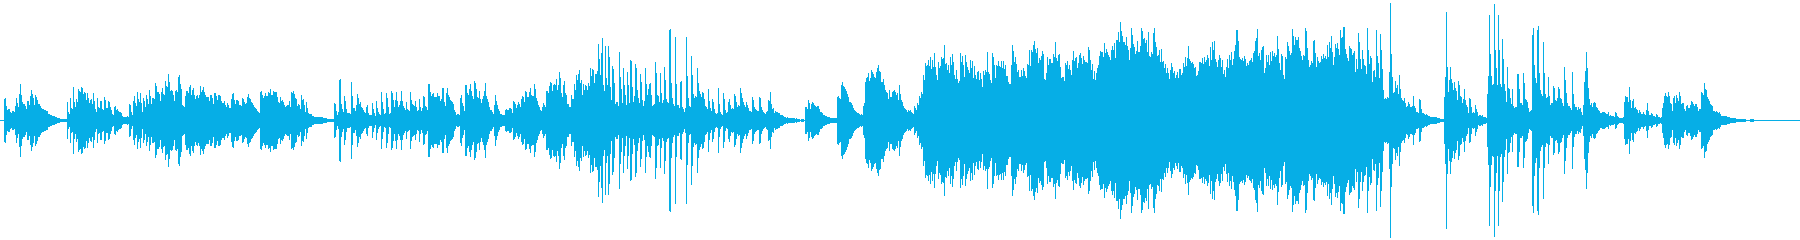 筝曲的なピアノの即興演奏の再生済みの波形